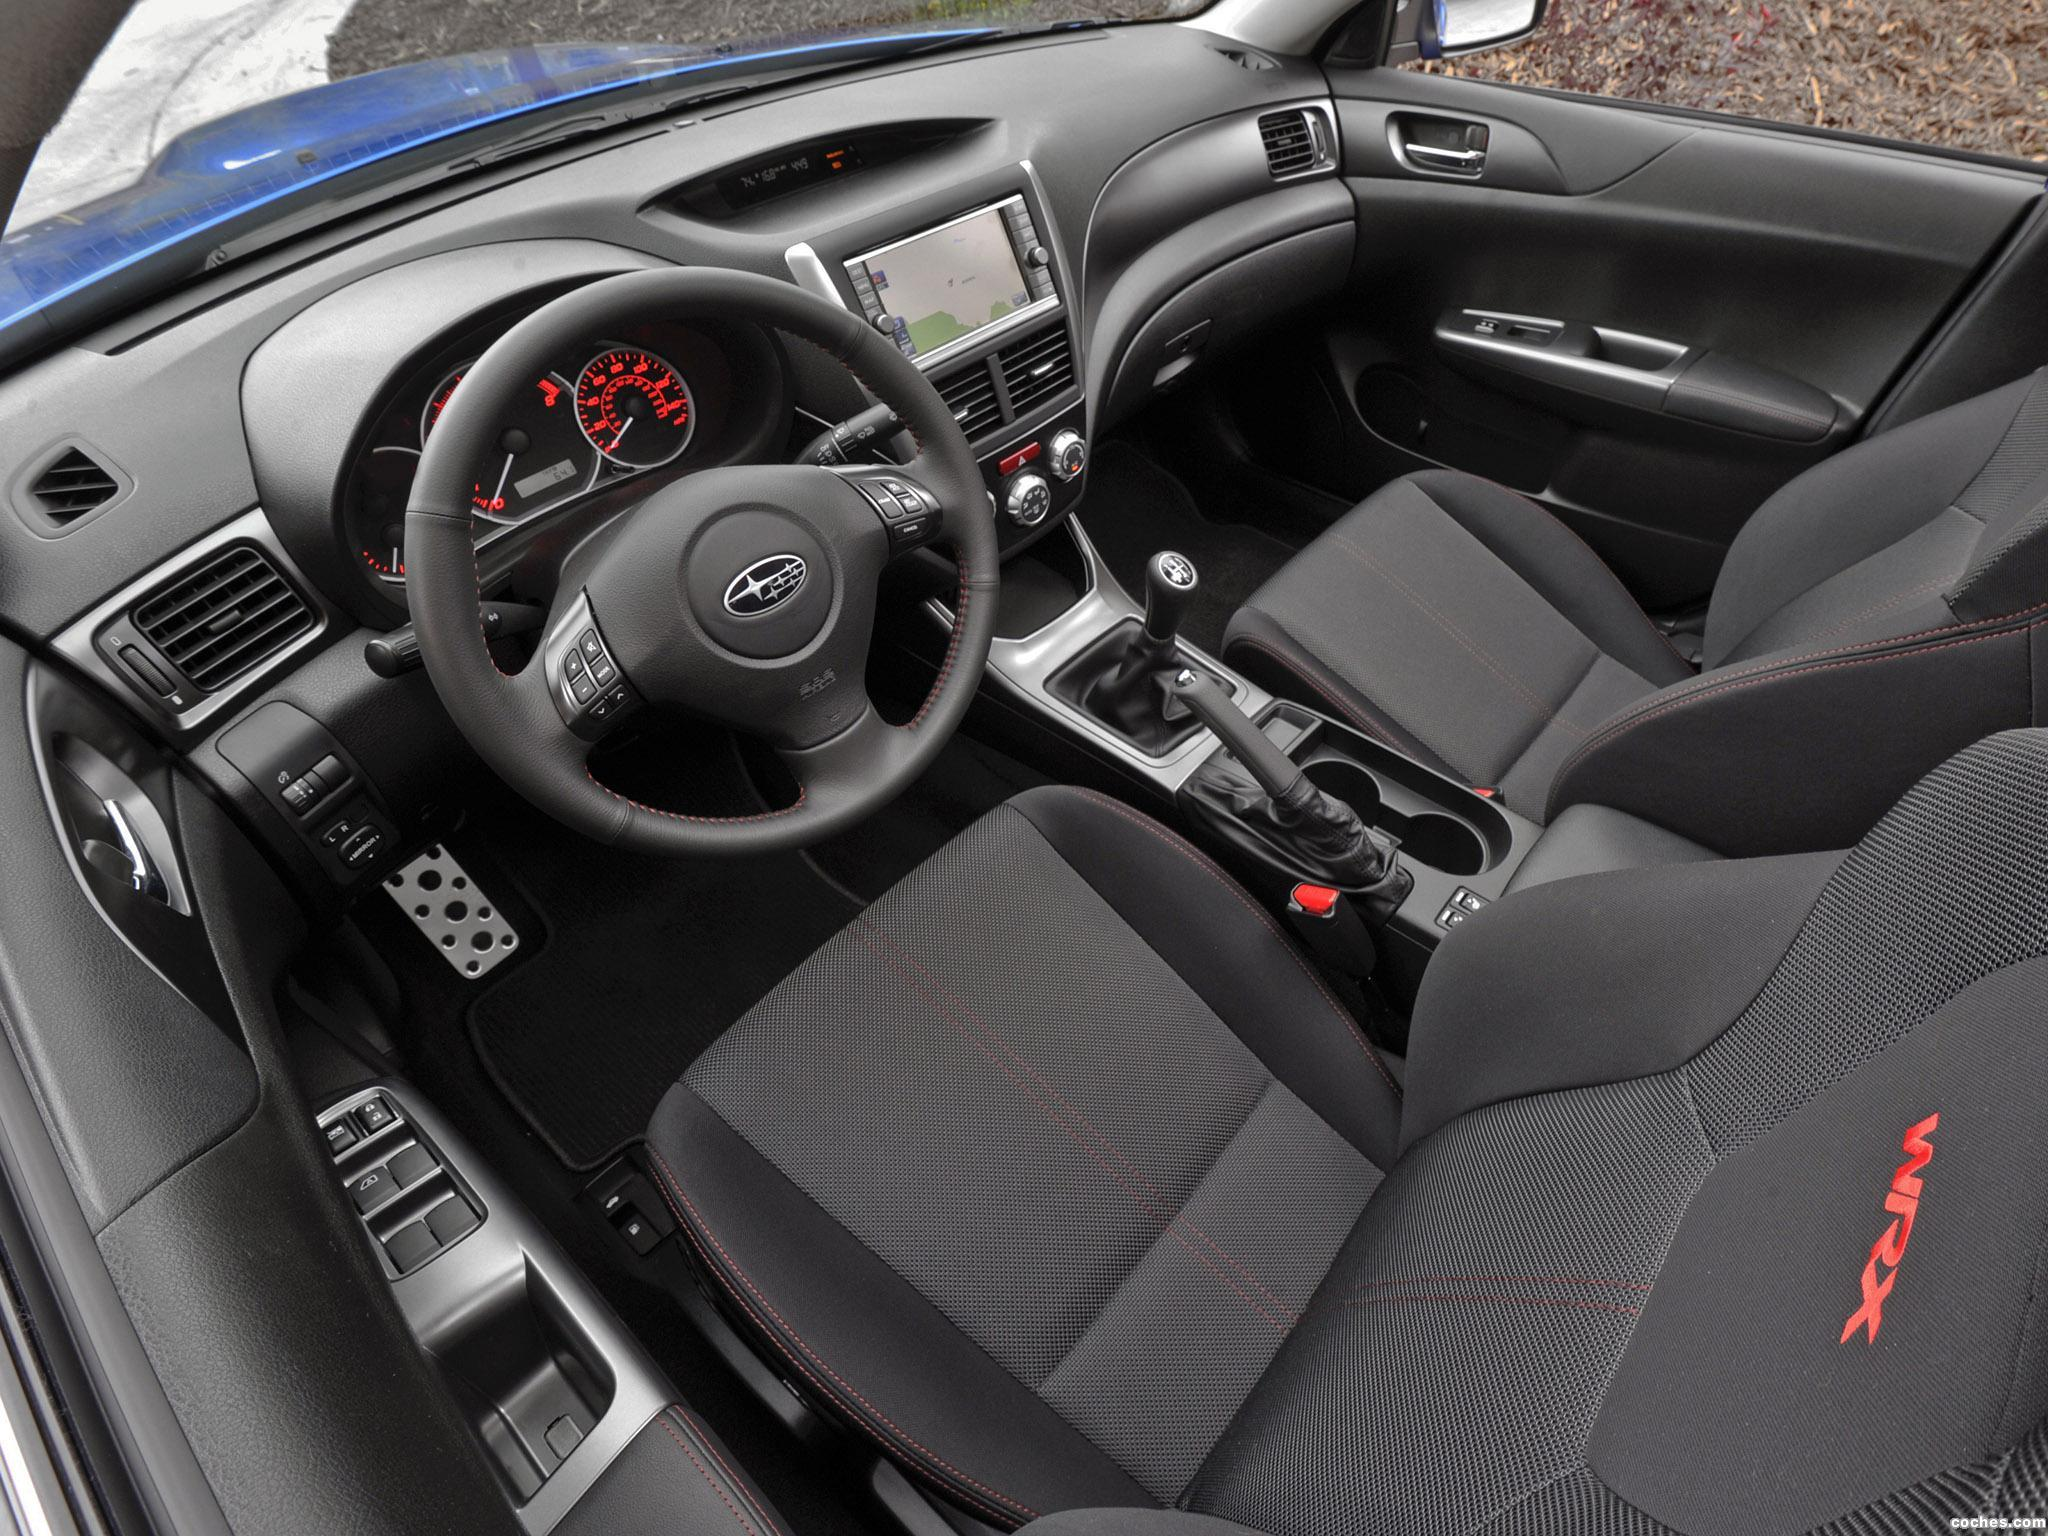 Foto 12 de Subaru Impreza WRX Sedan USA 2010